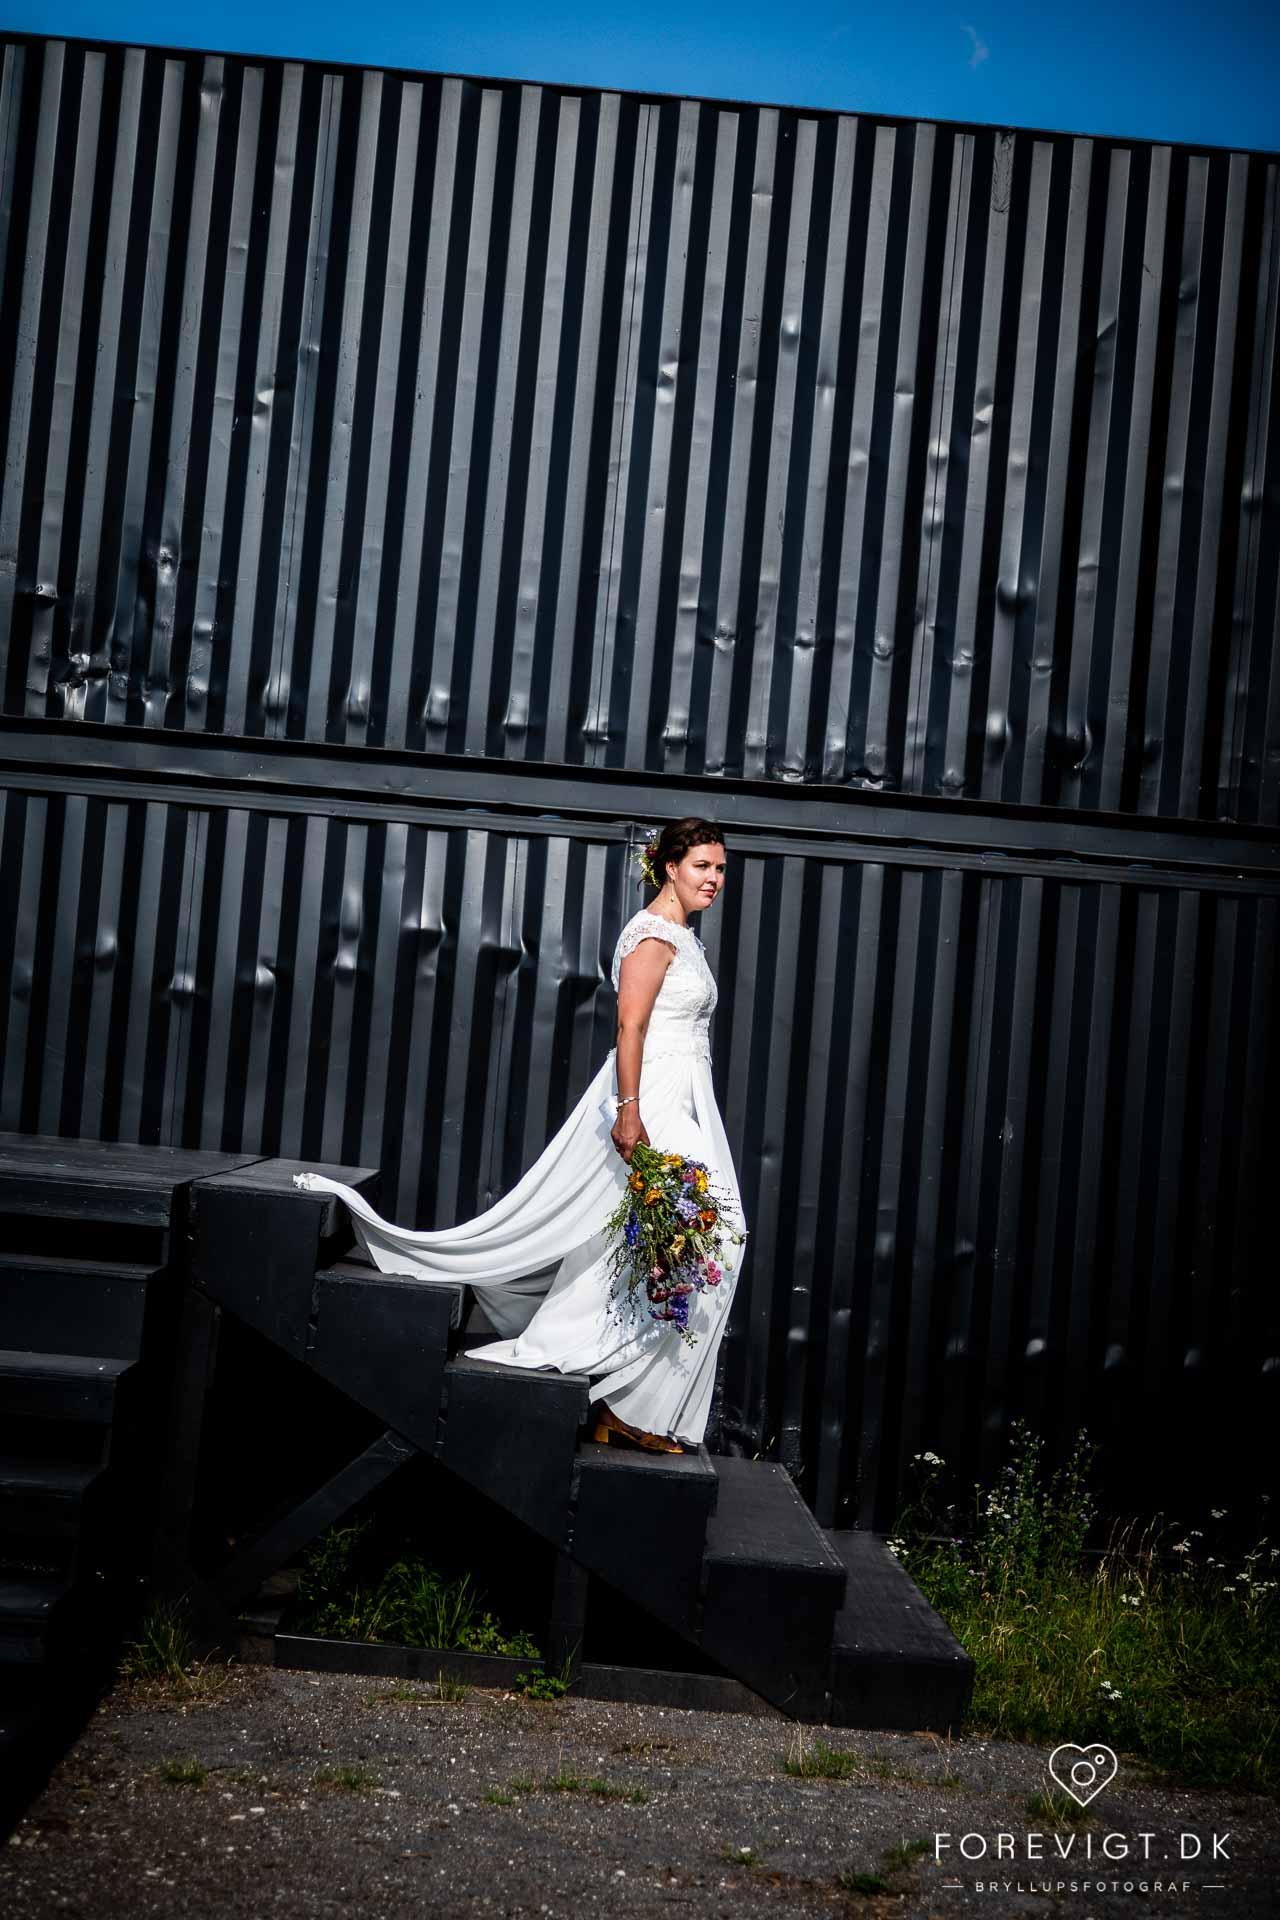 ALLE bryllupper er fede bryllupper. Pladeværkstedet